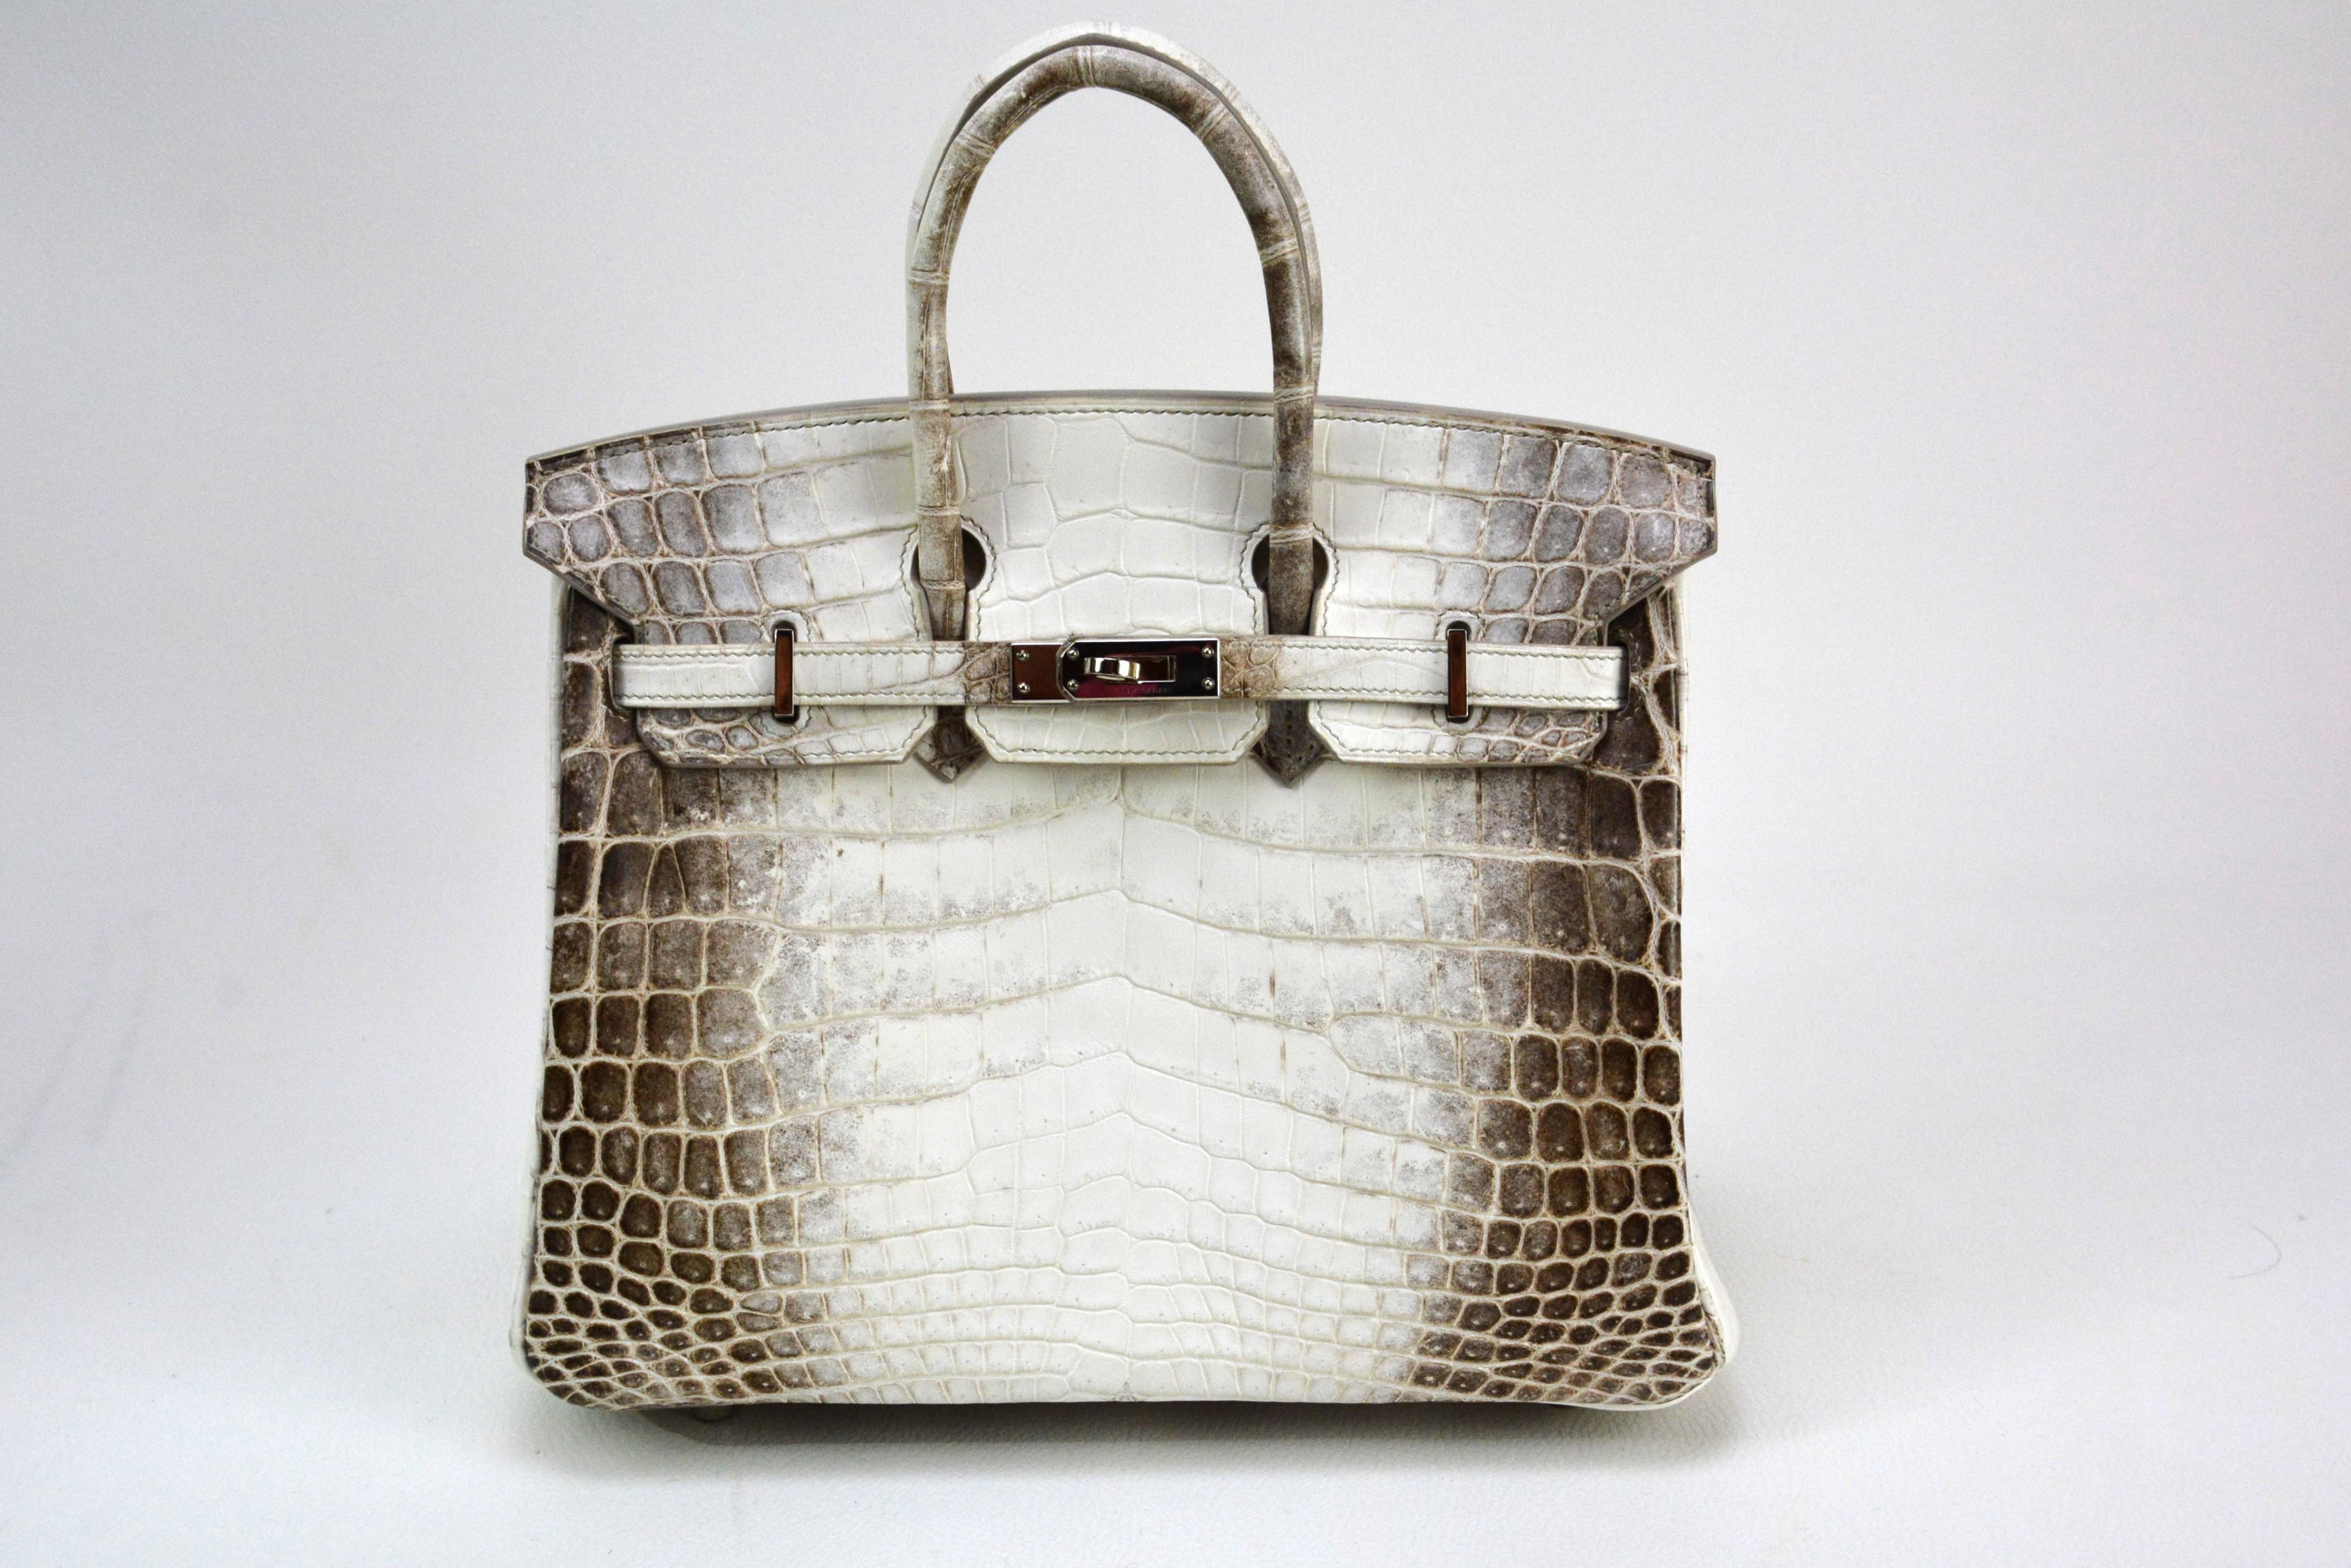 fdc87e9a3002 Des sacs Hermès d exception en vente cette semaine sur Catawiki ...